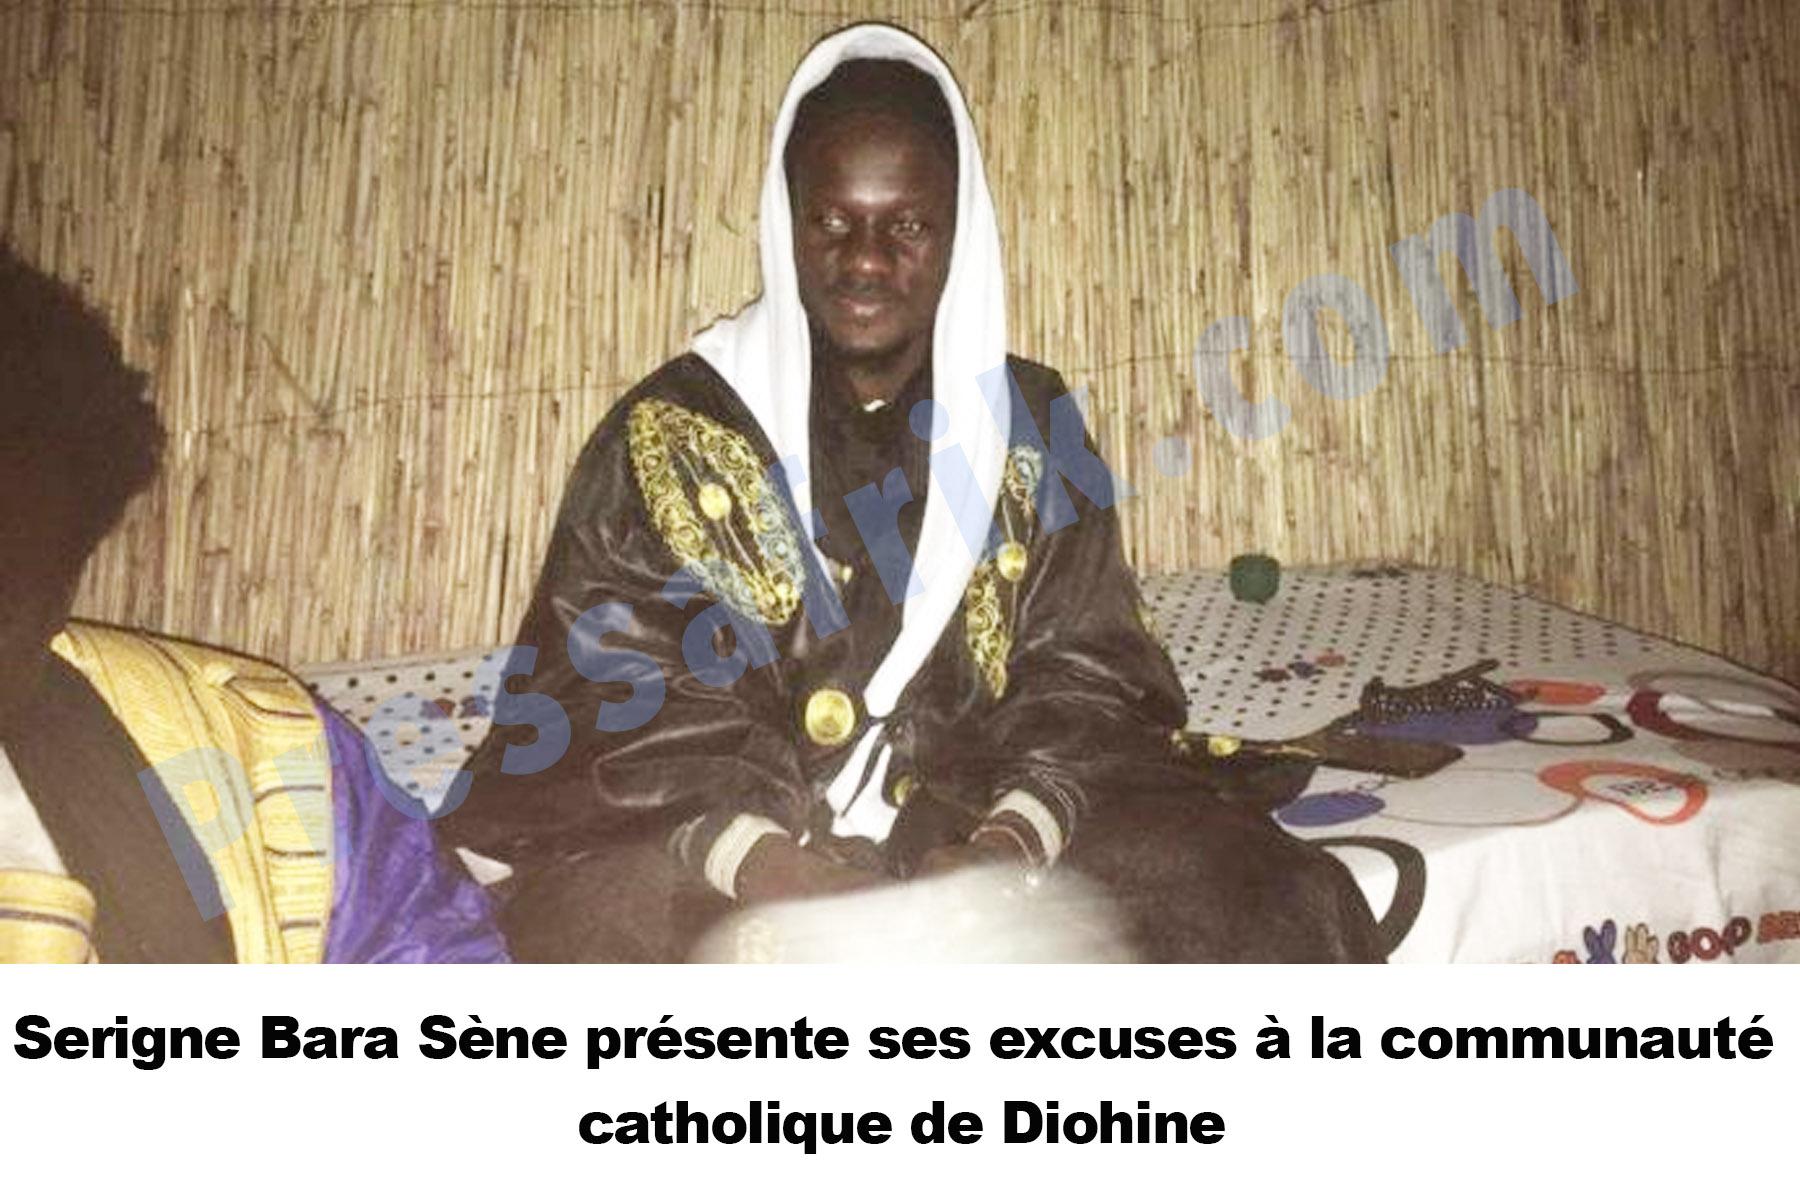 Serigne Bara Sène présente ses excuses à la communauté catholique de Diohine et appelle à la paix